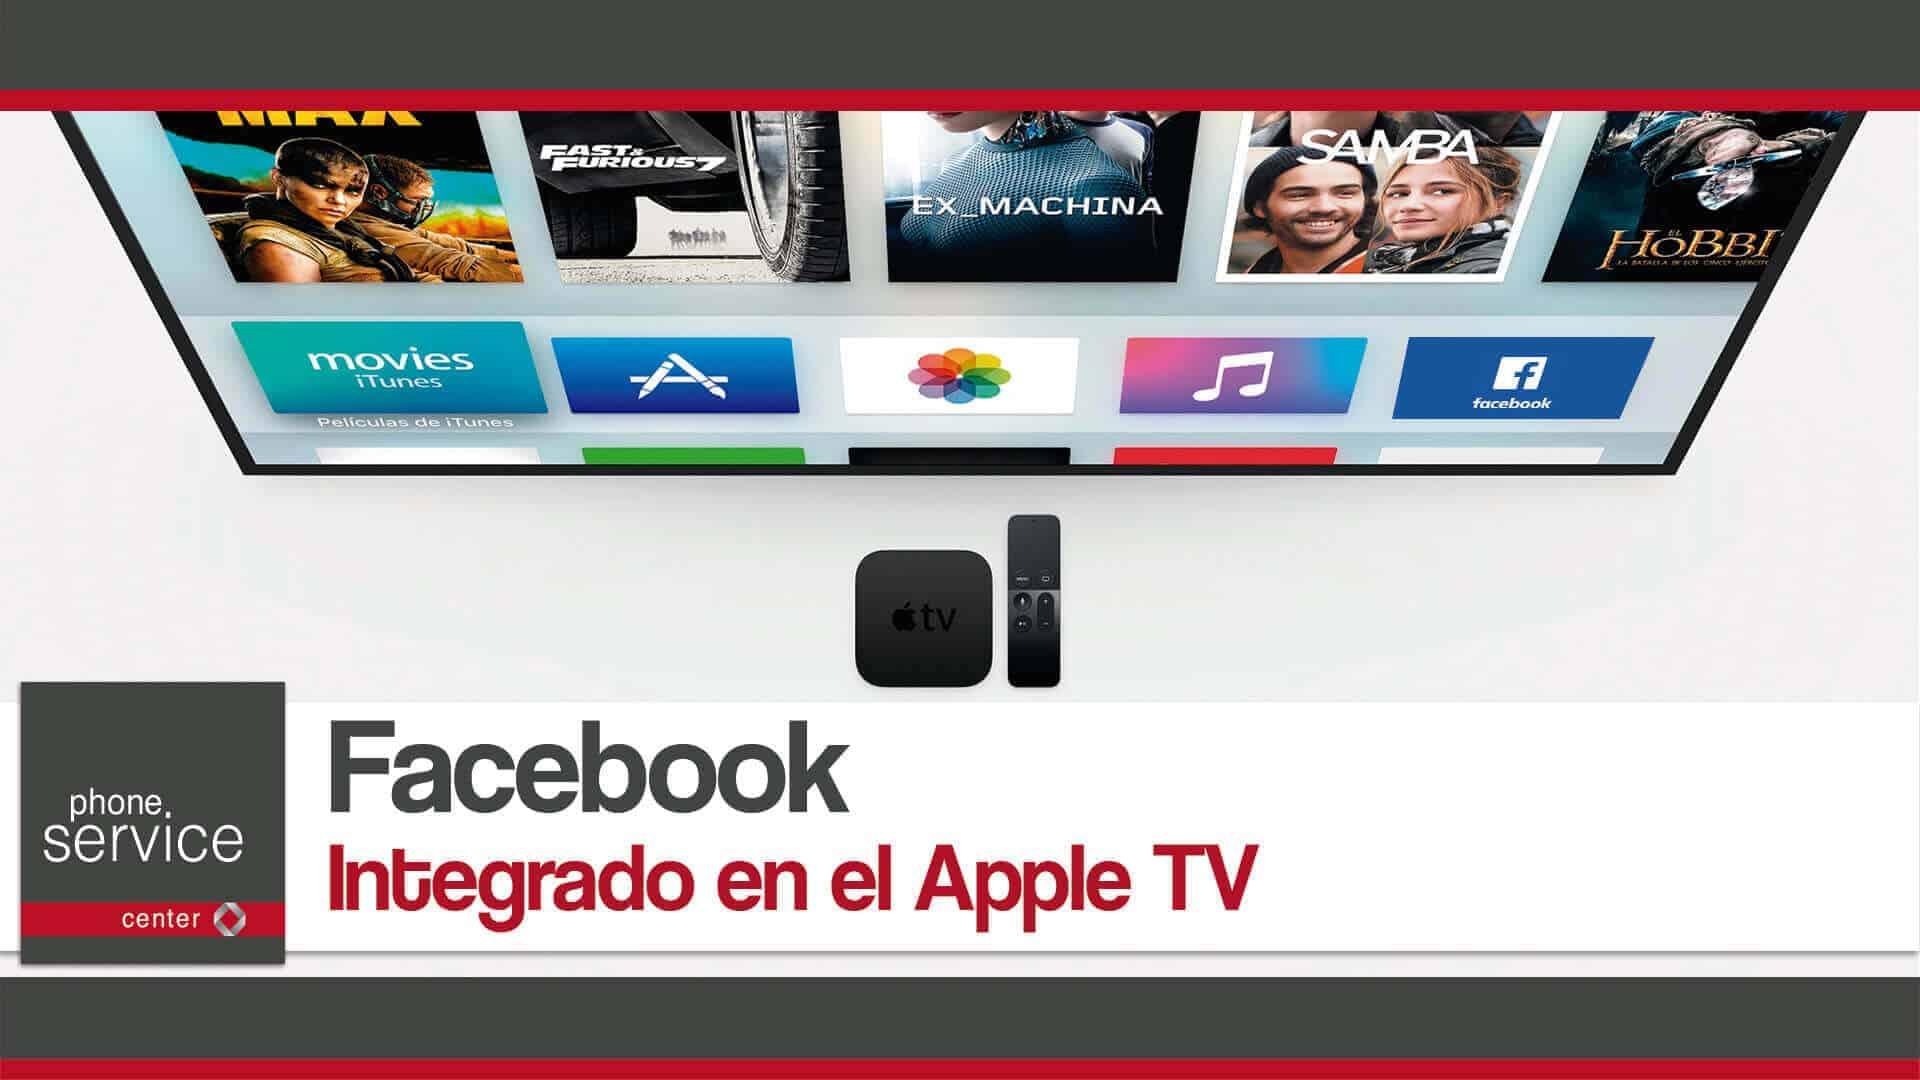 Facebook integrado en el Apple TV